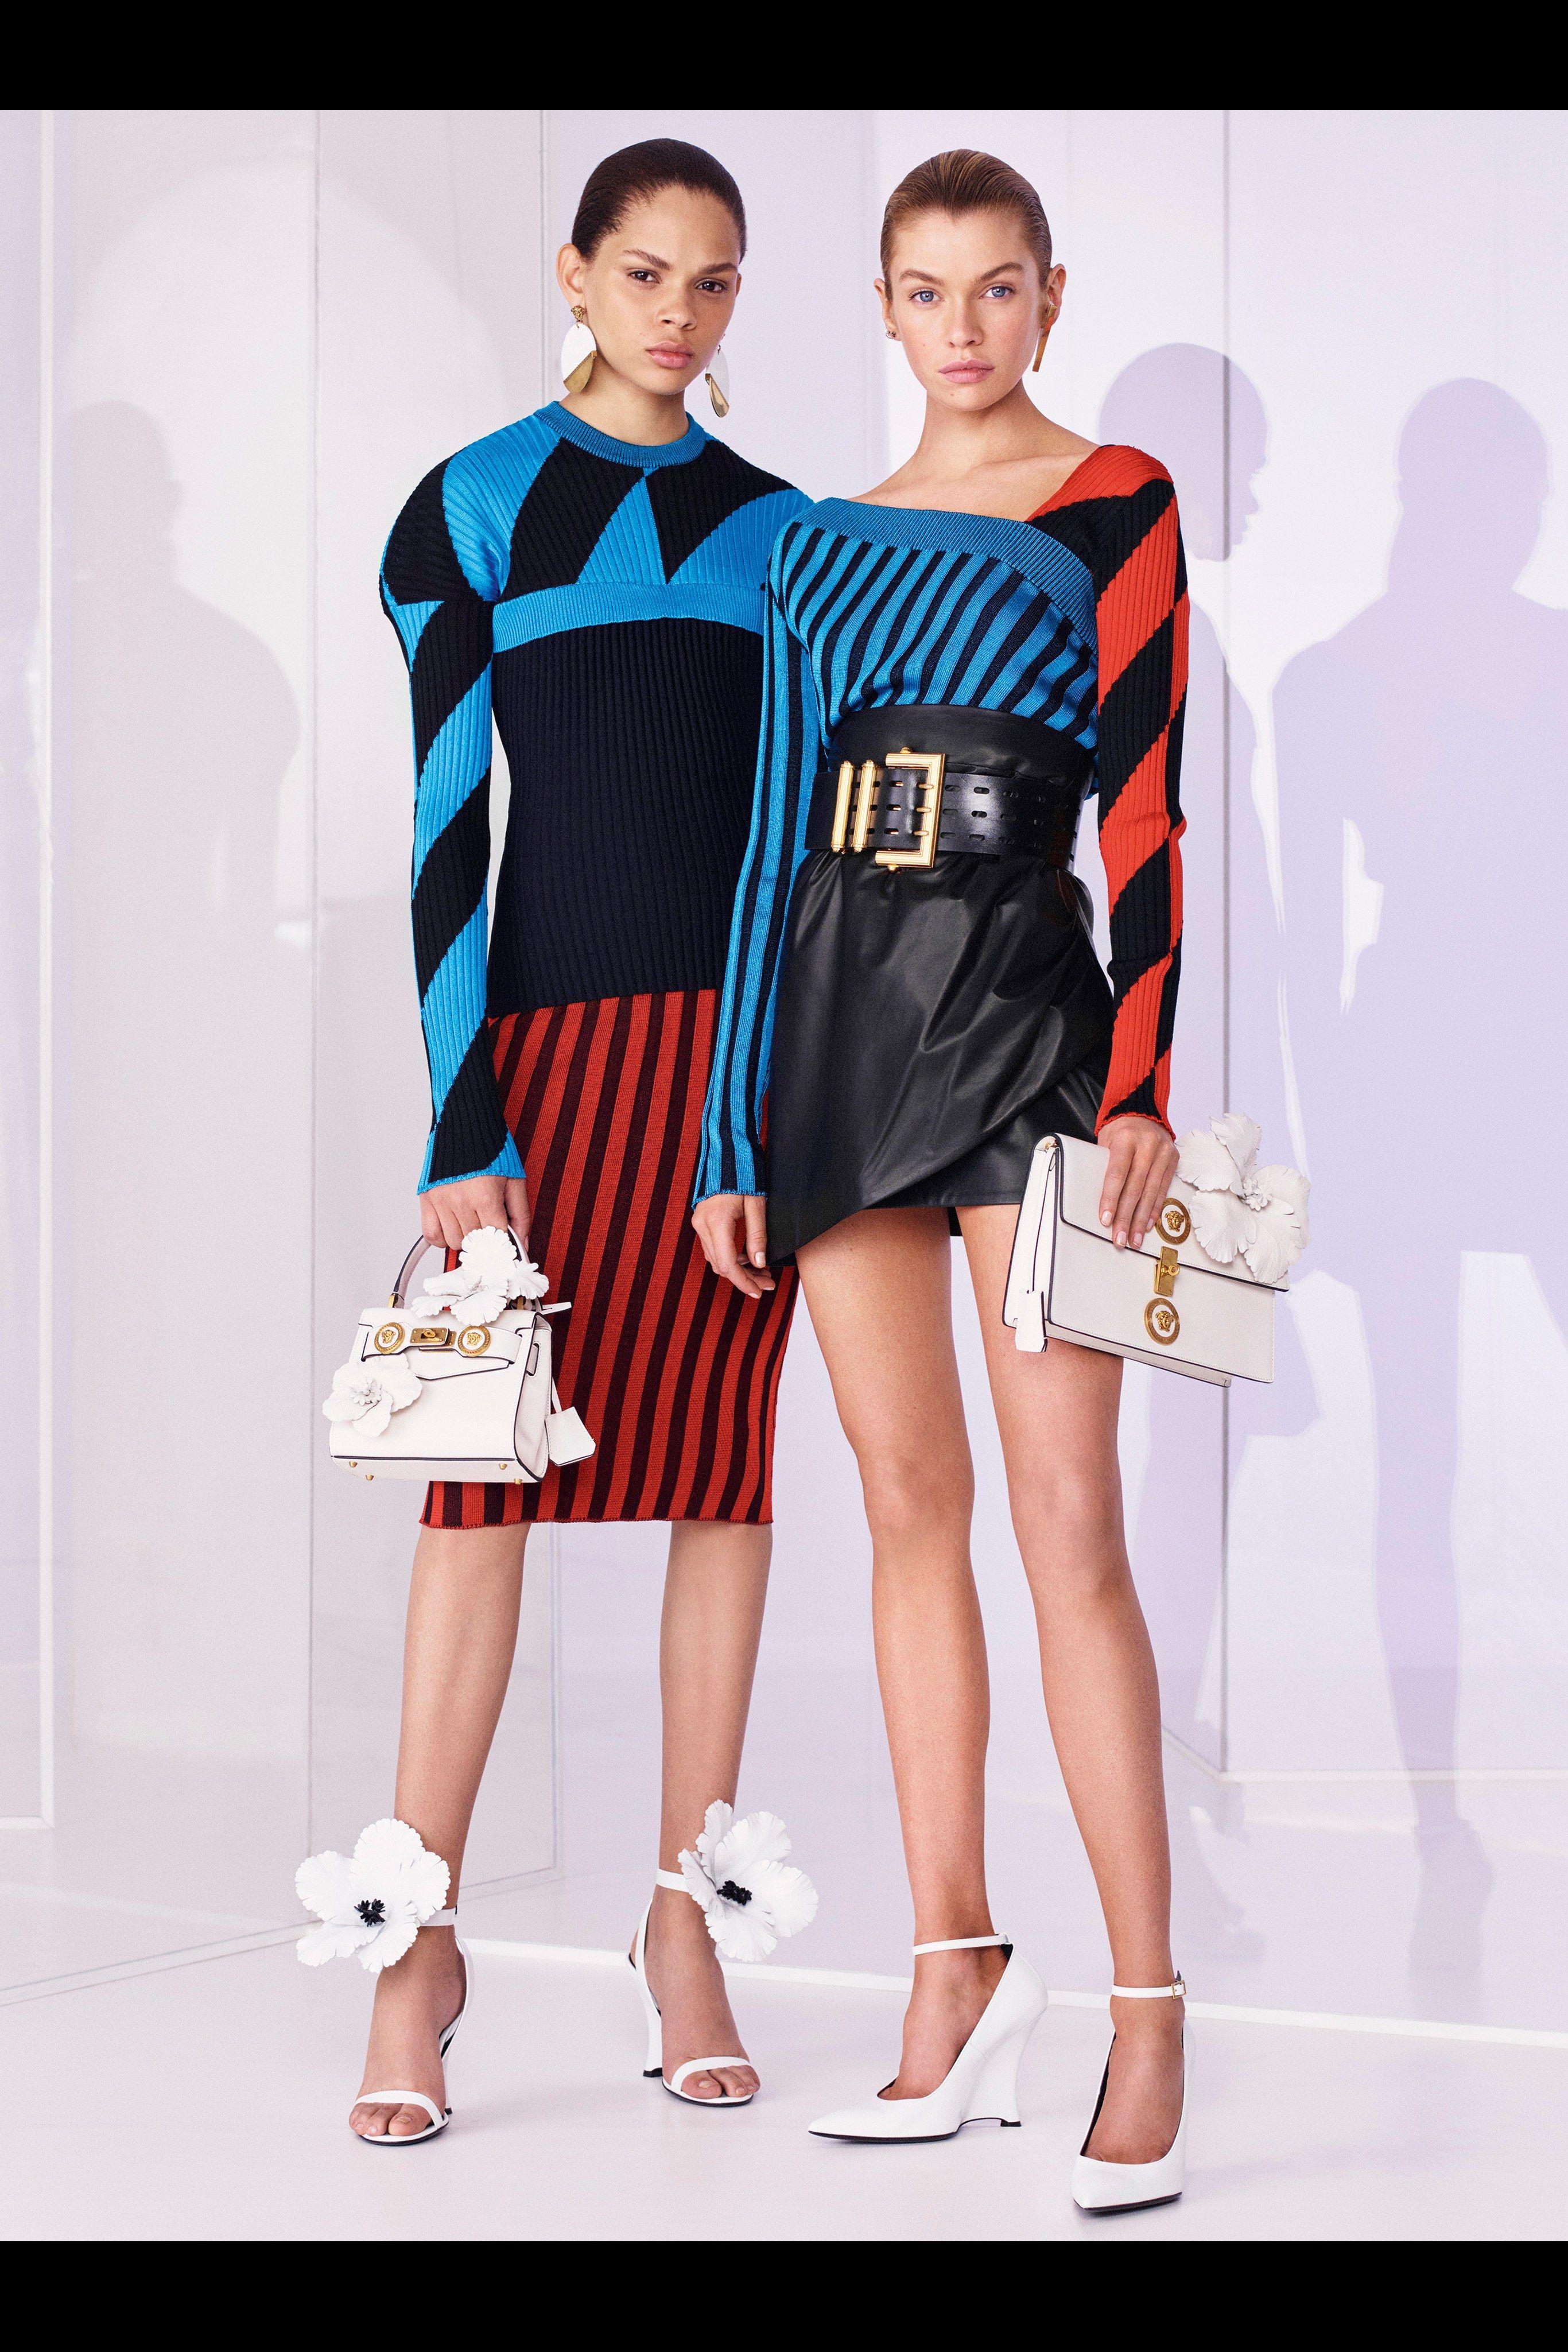 Versace Resort 2019 Fashion Show  Fashion, Versace fashion